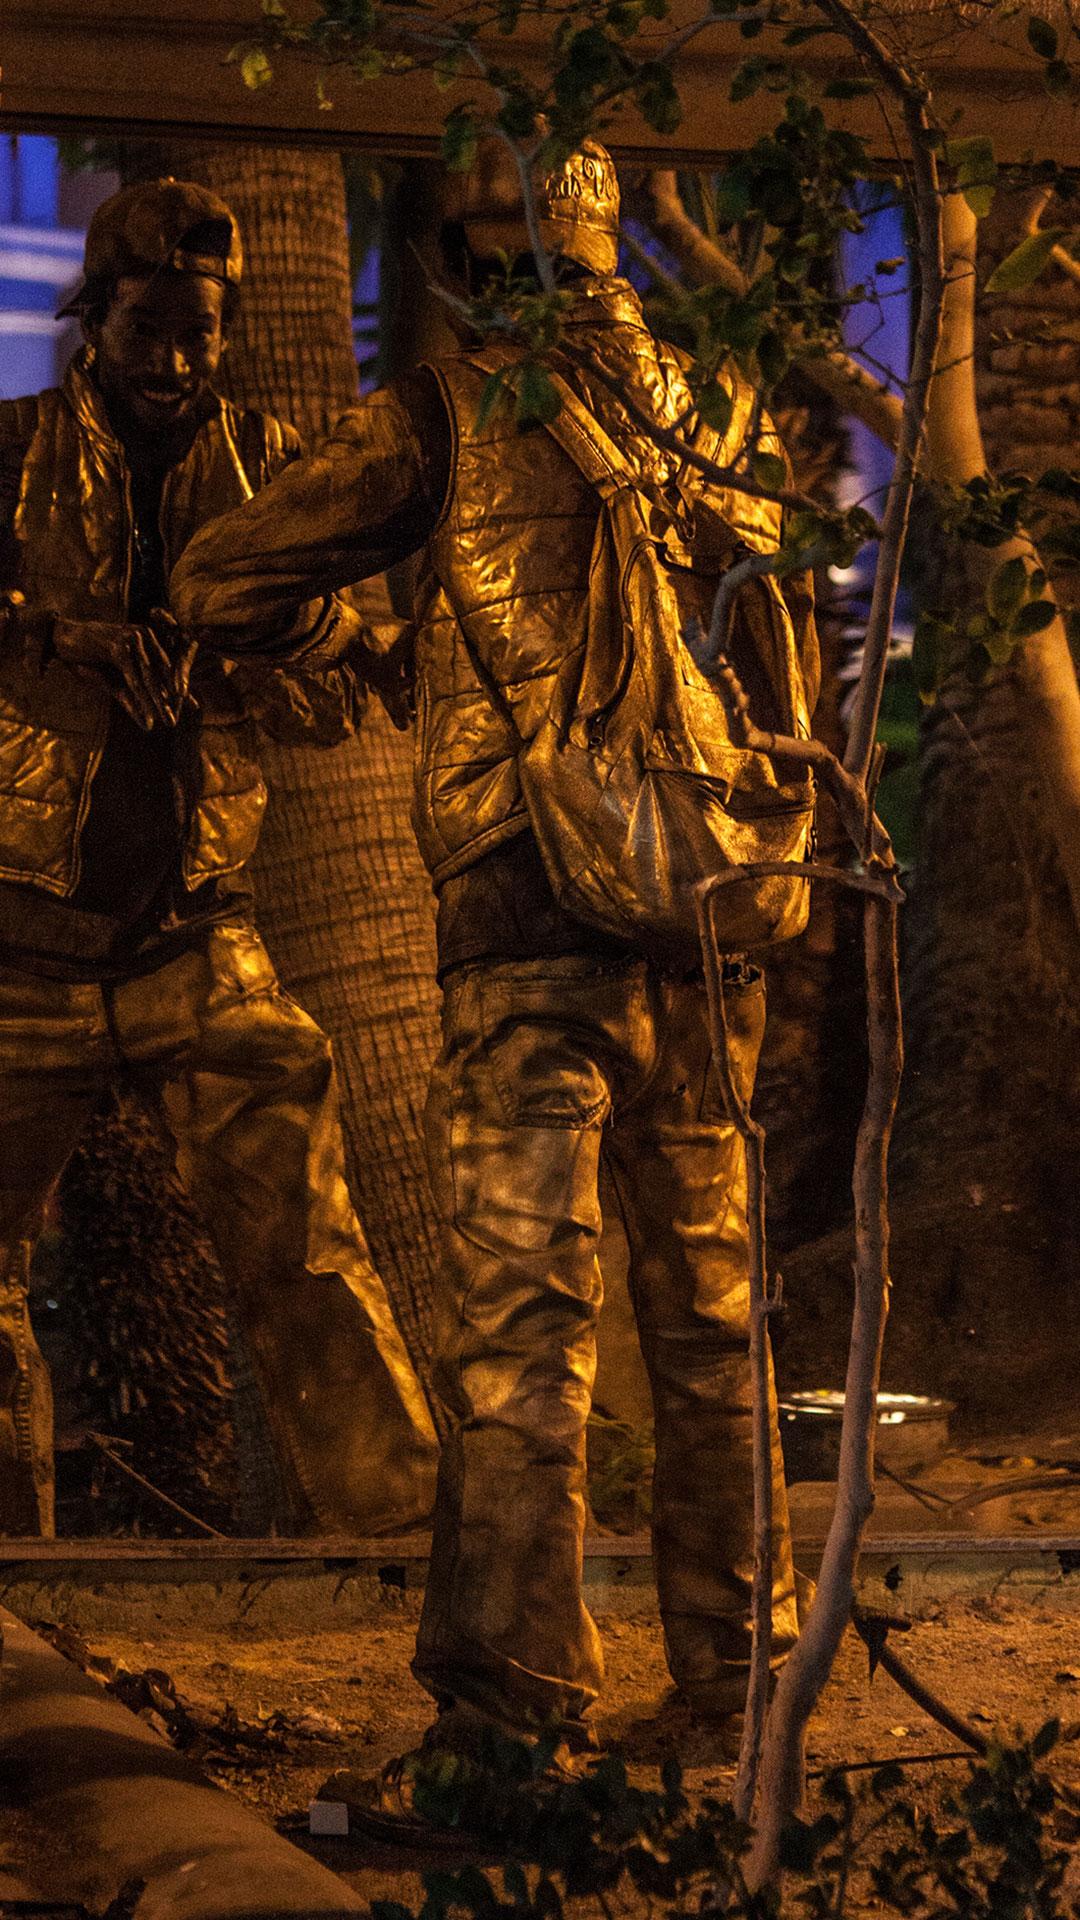 Straßenkünstler macht sich in einer dunklen Ecke bereit für seinen Auftritt